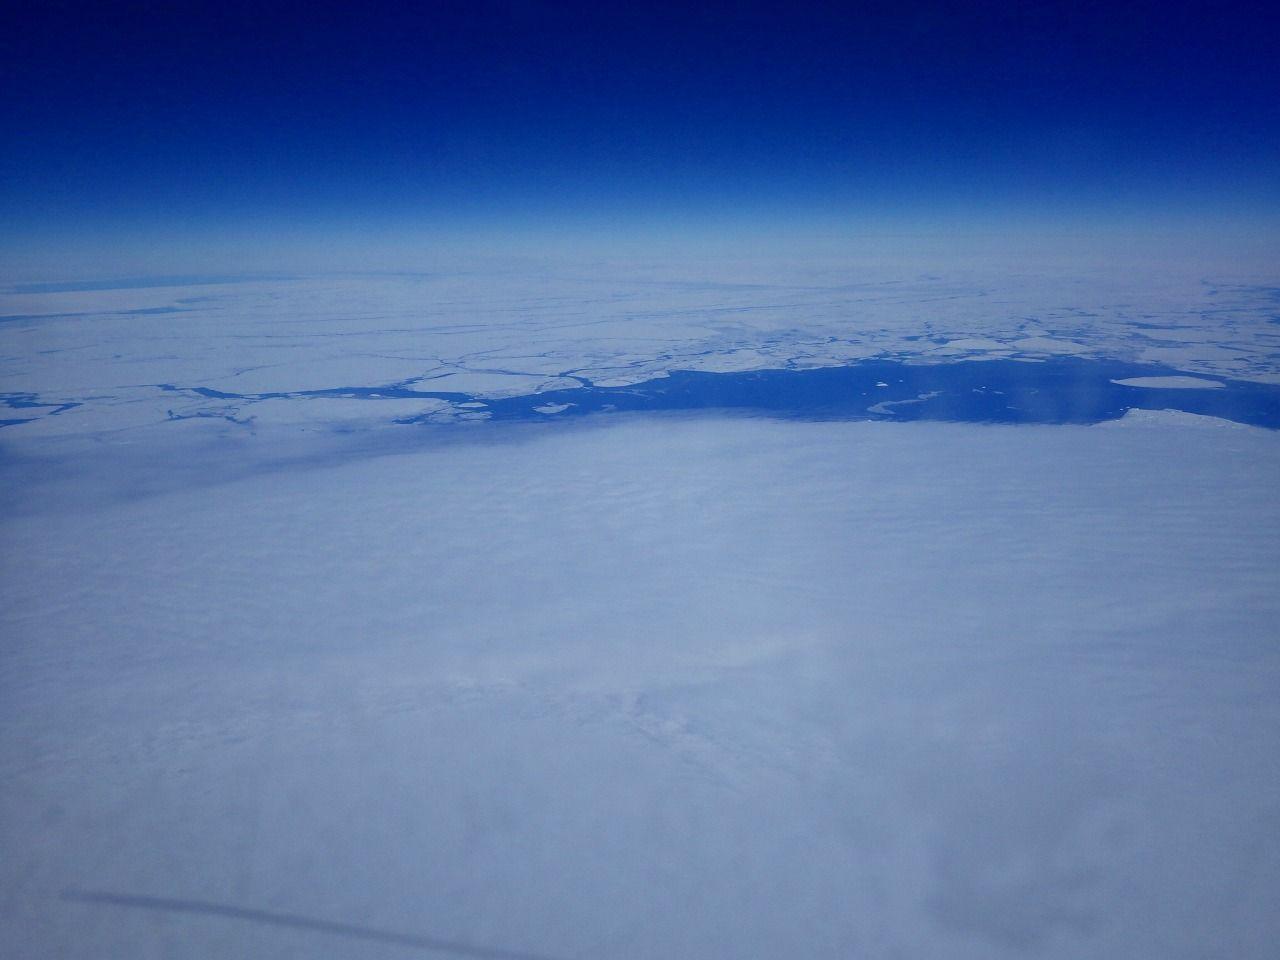 未知の大陸!南極「ユニオングレーシャー基地」に滞在しよう